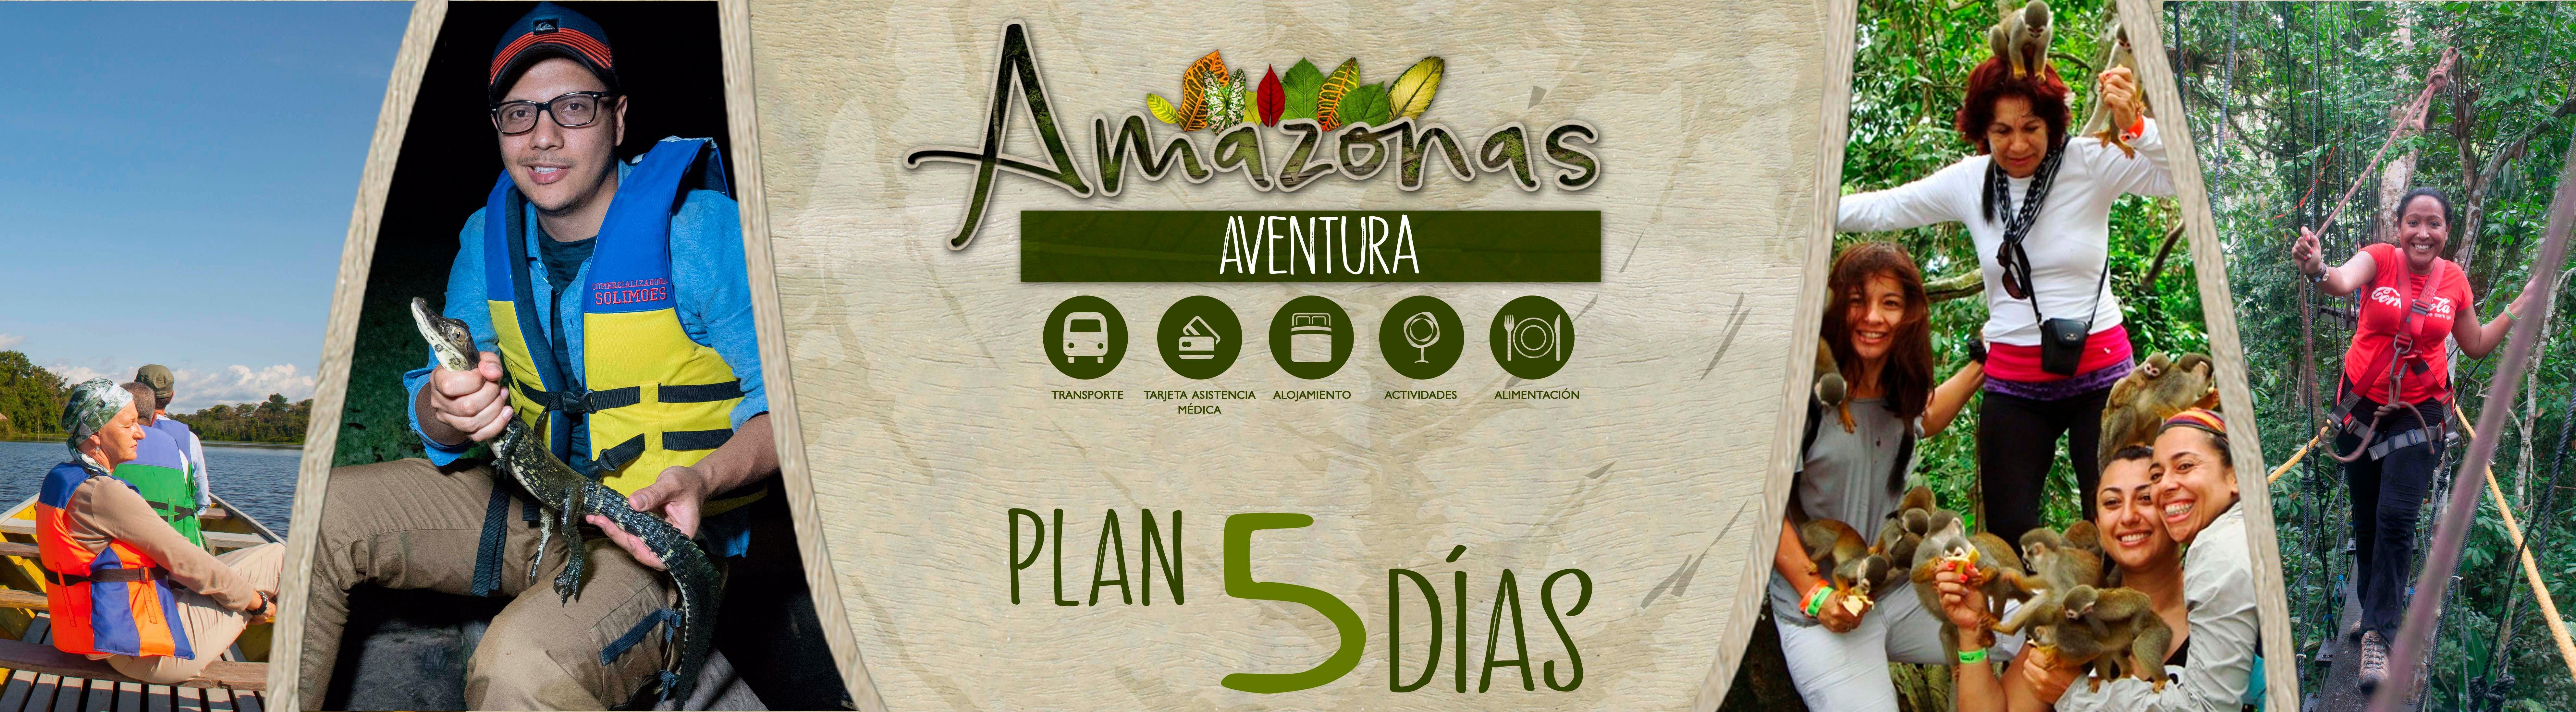 aventura 5 DIAS